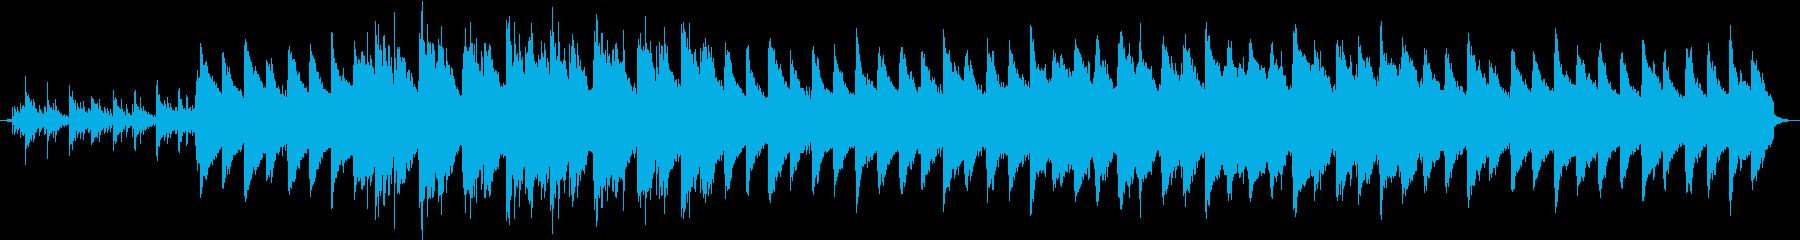 感動のシーン、切ないピアノのバラードの再生済みの波形